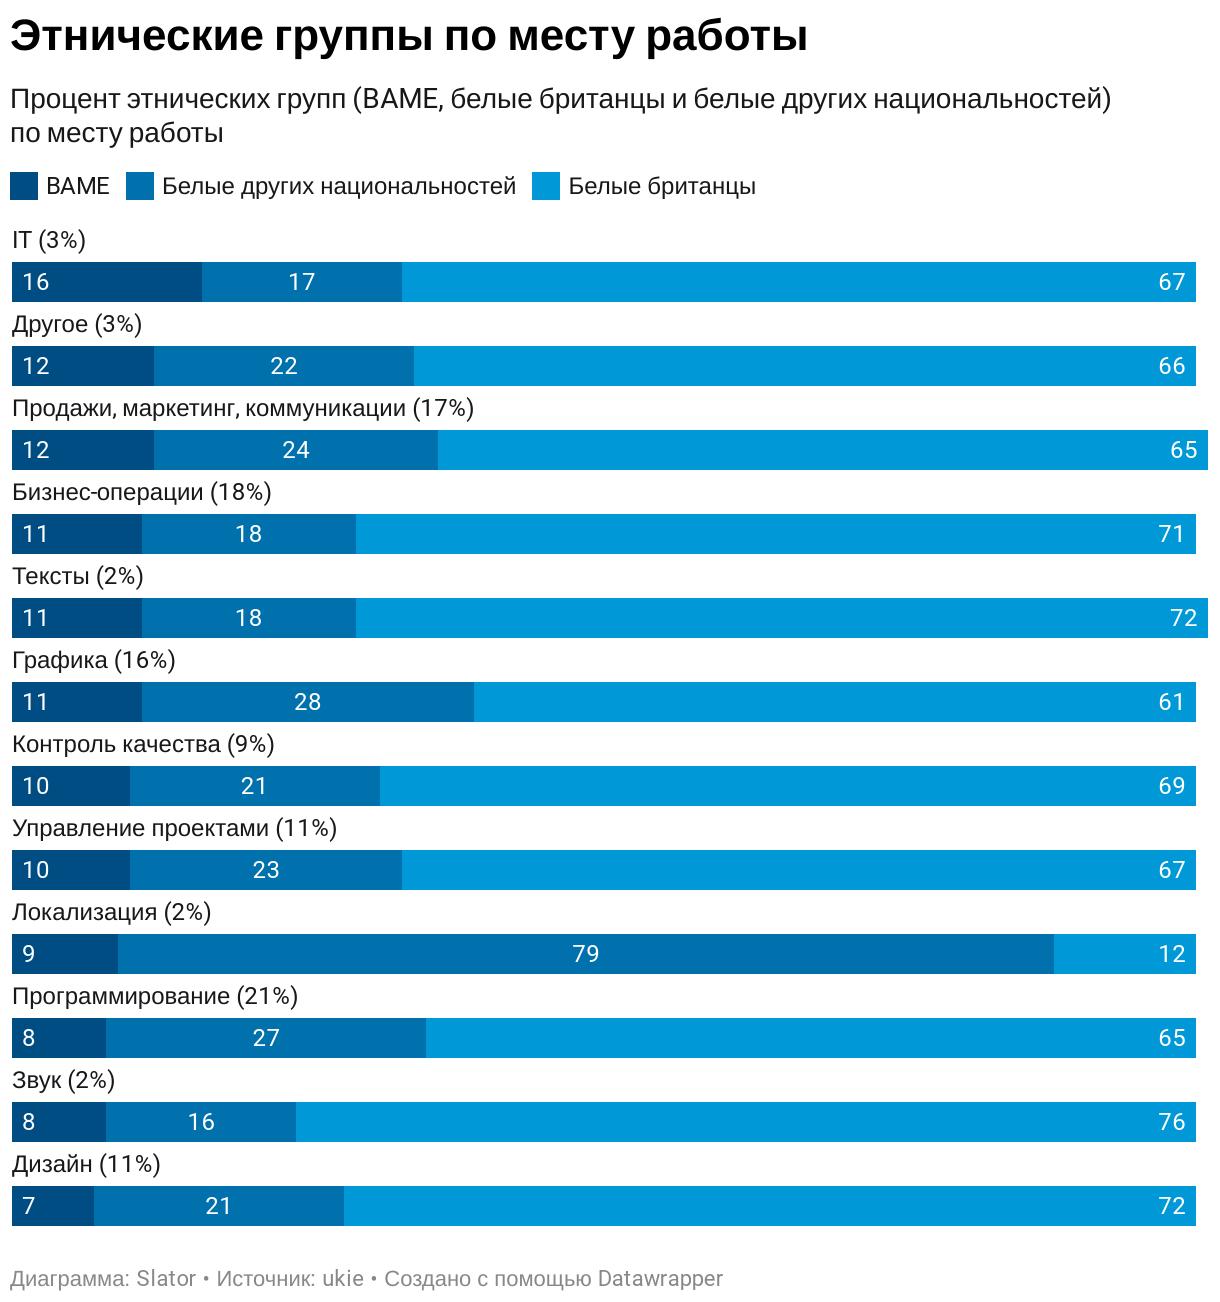 У специалистов по локализации лучше образование и ниже подверженность депрессии (результаты опроса и инфографика) - 3